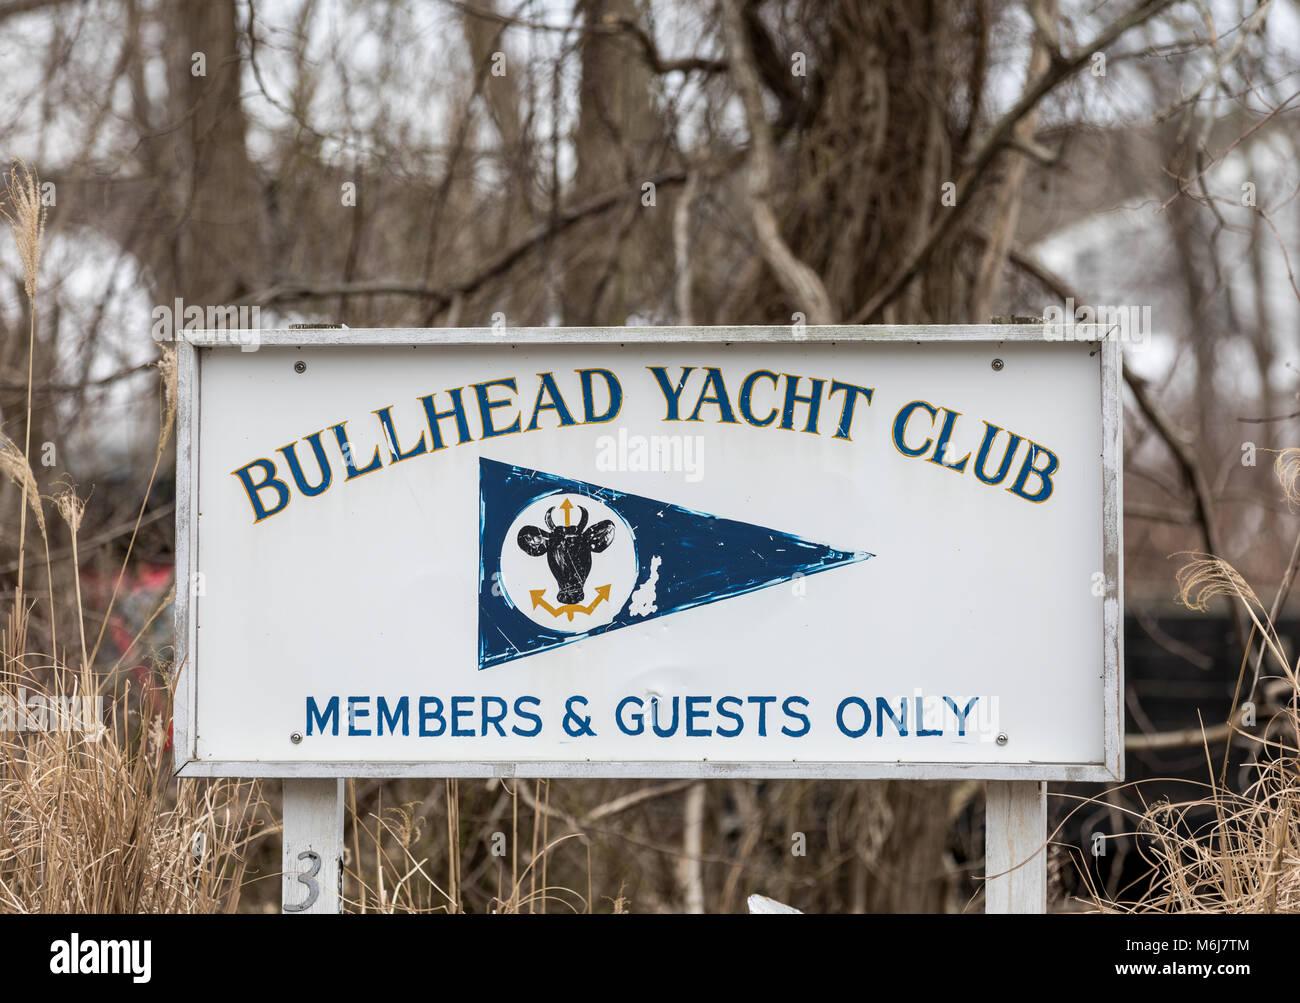 The bullhead yacht club in southampton, ny - Stock Image